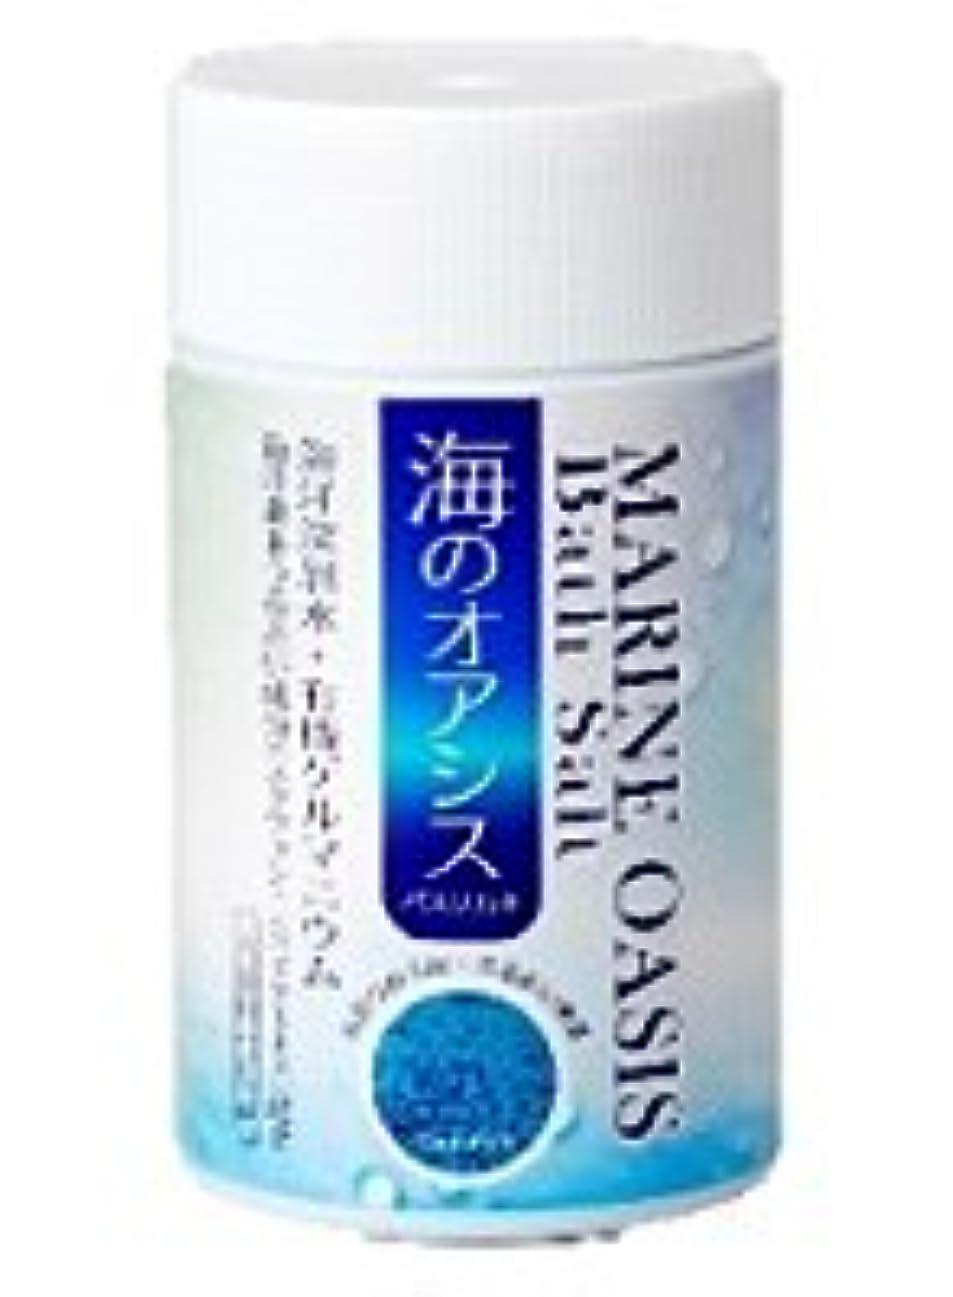 動揺させる壁紙機構入浴用化粧品 海のオアシス バスソルト 1020g